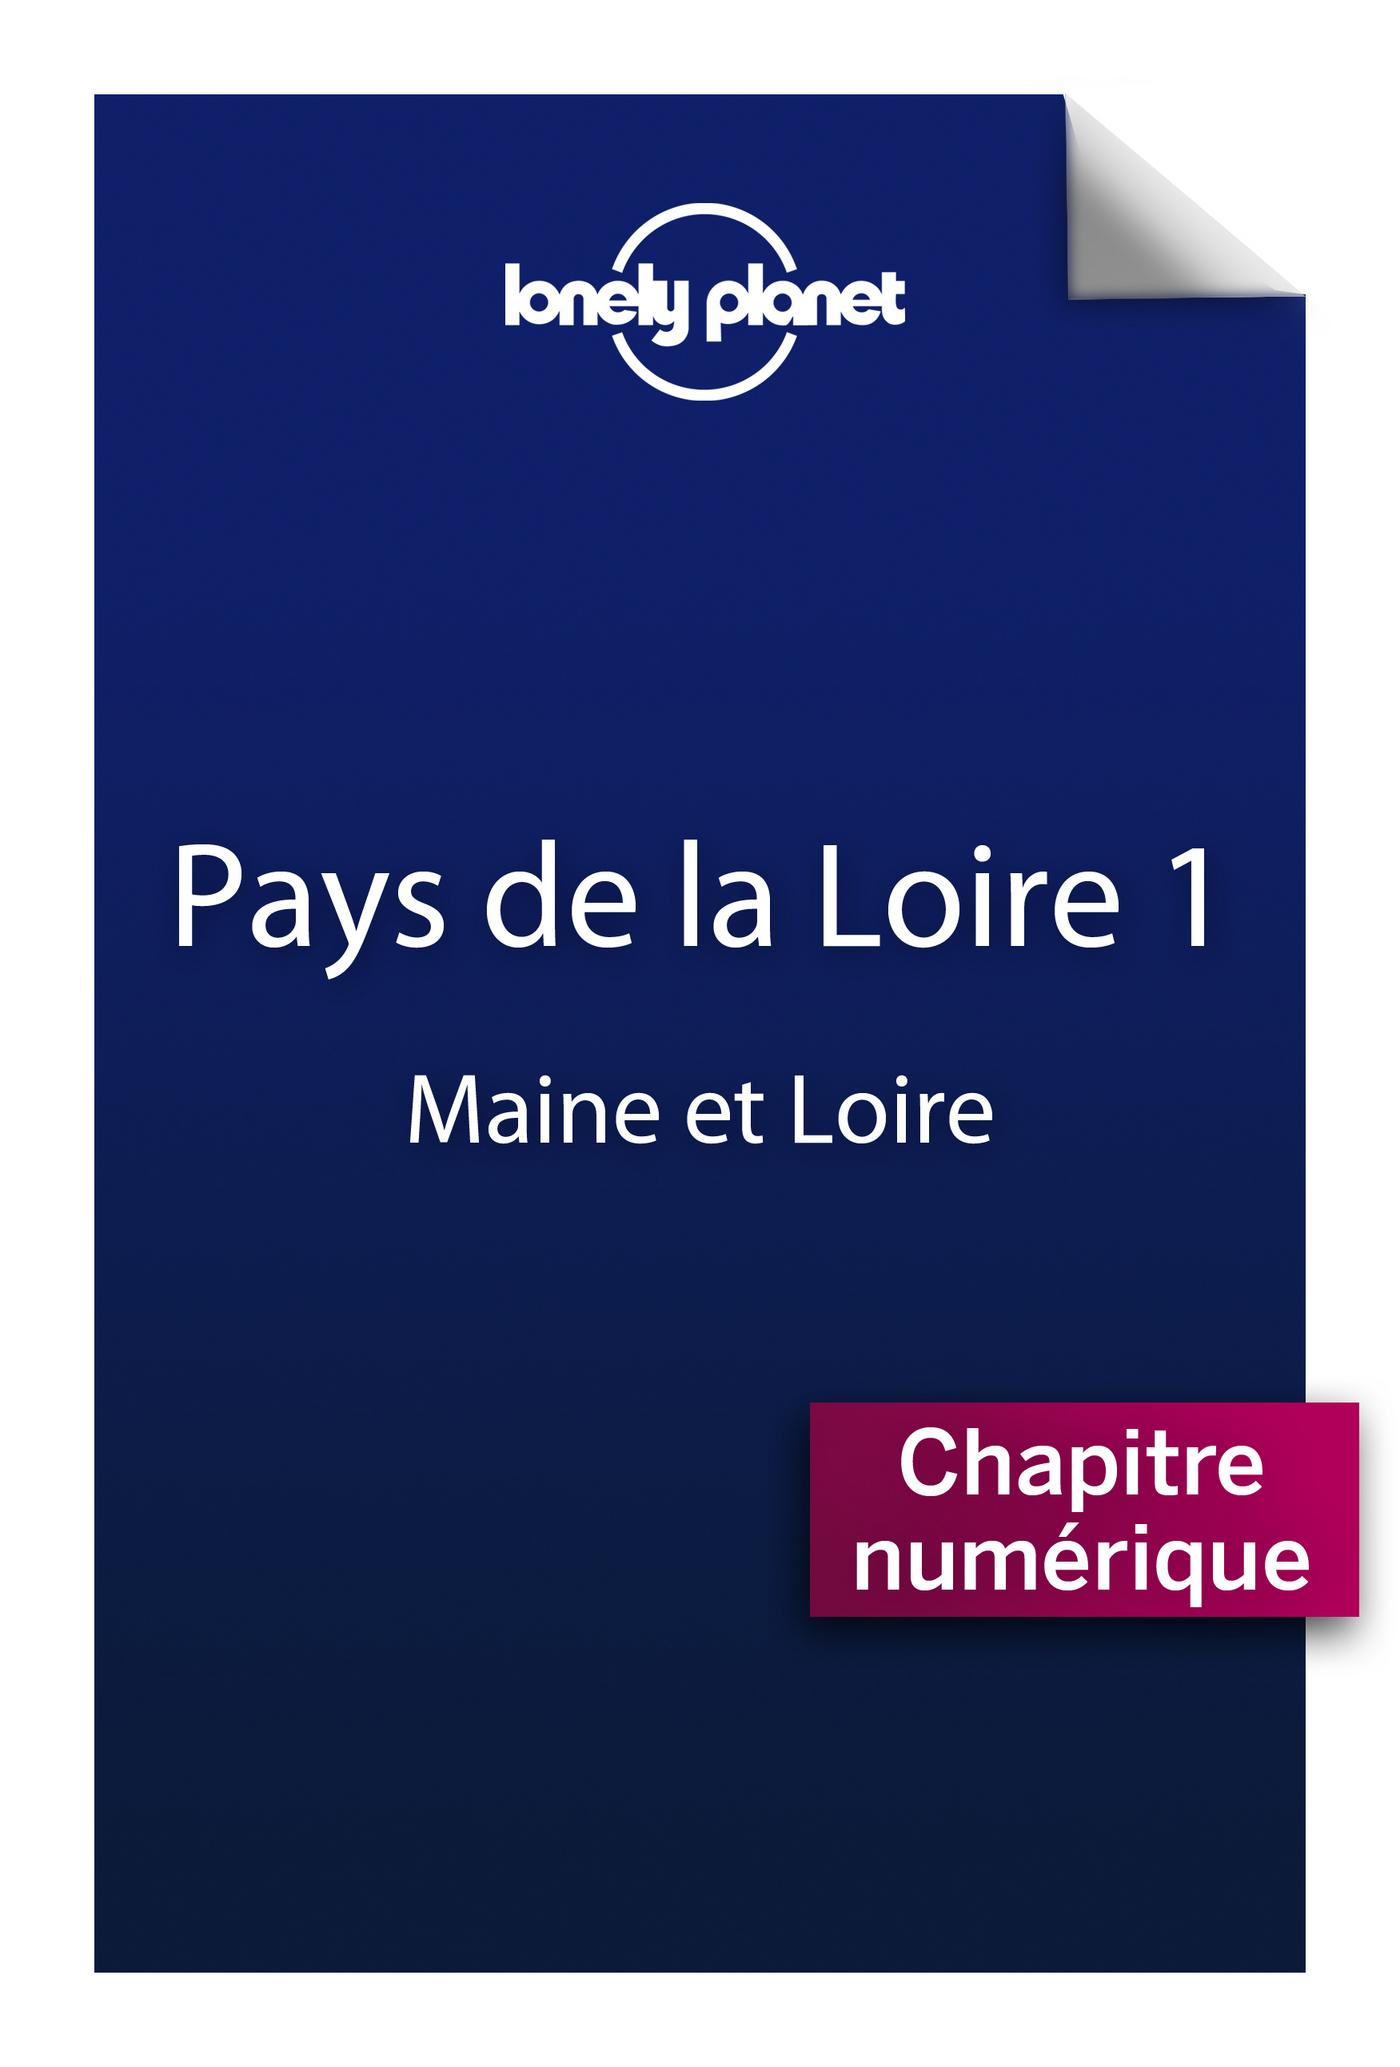 Pays de la Loire 1 - Maine et Loire (ebook)